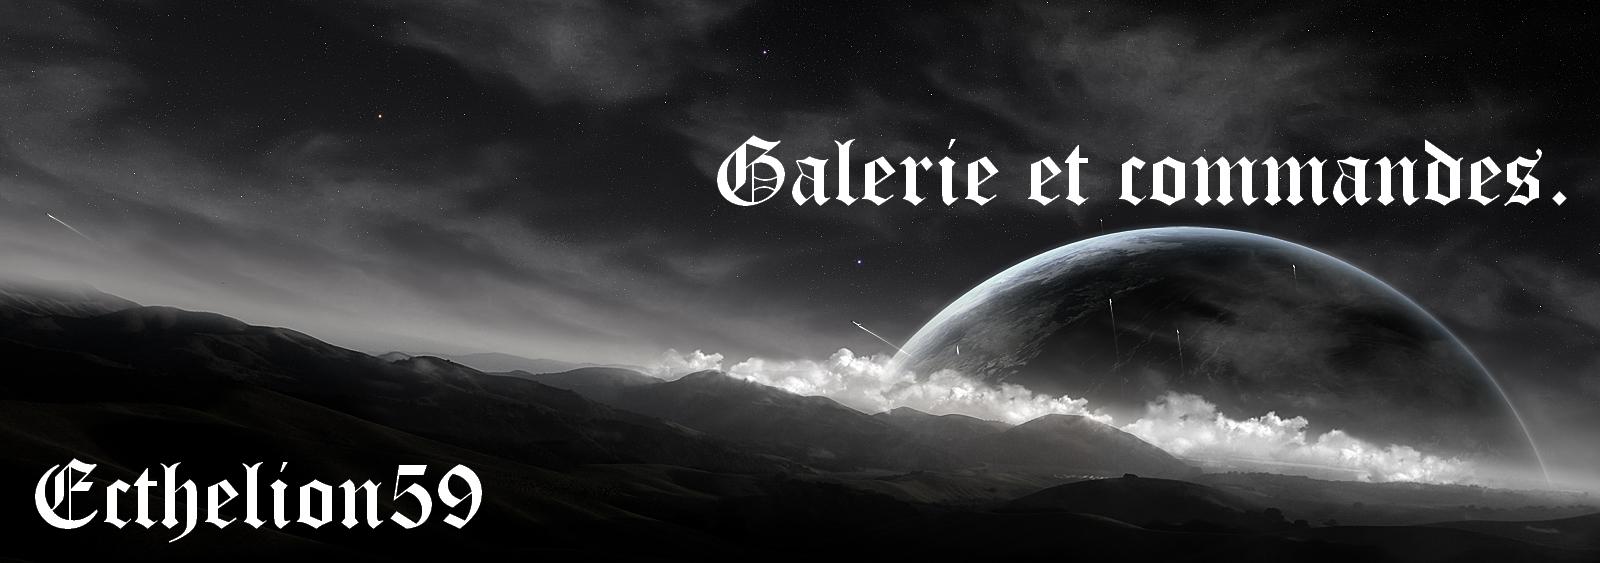 Blog: Ecthelion59